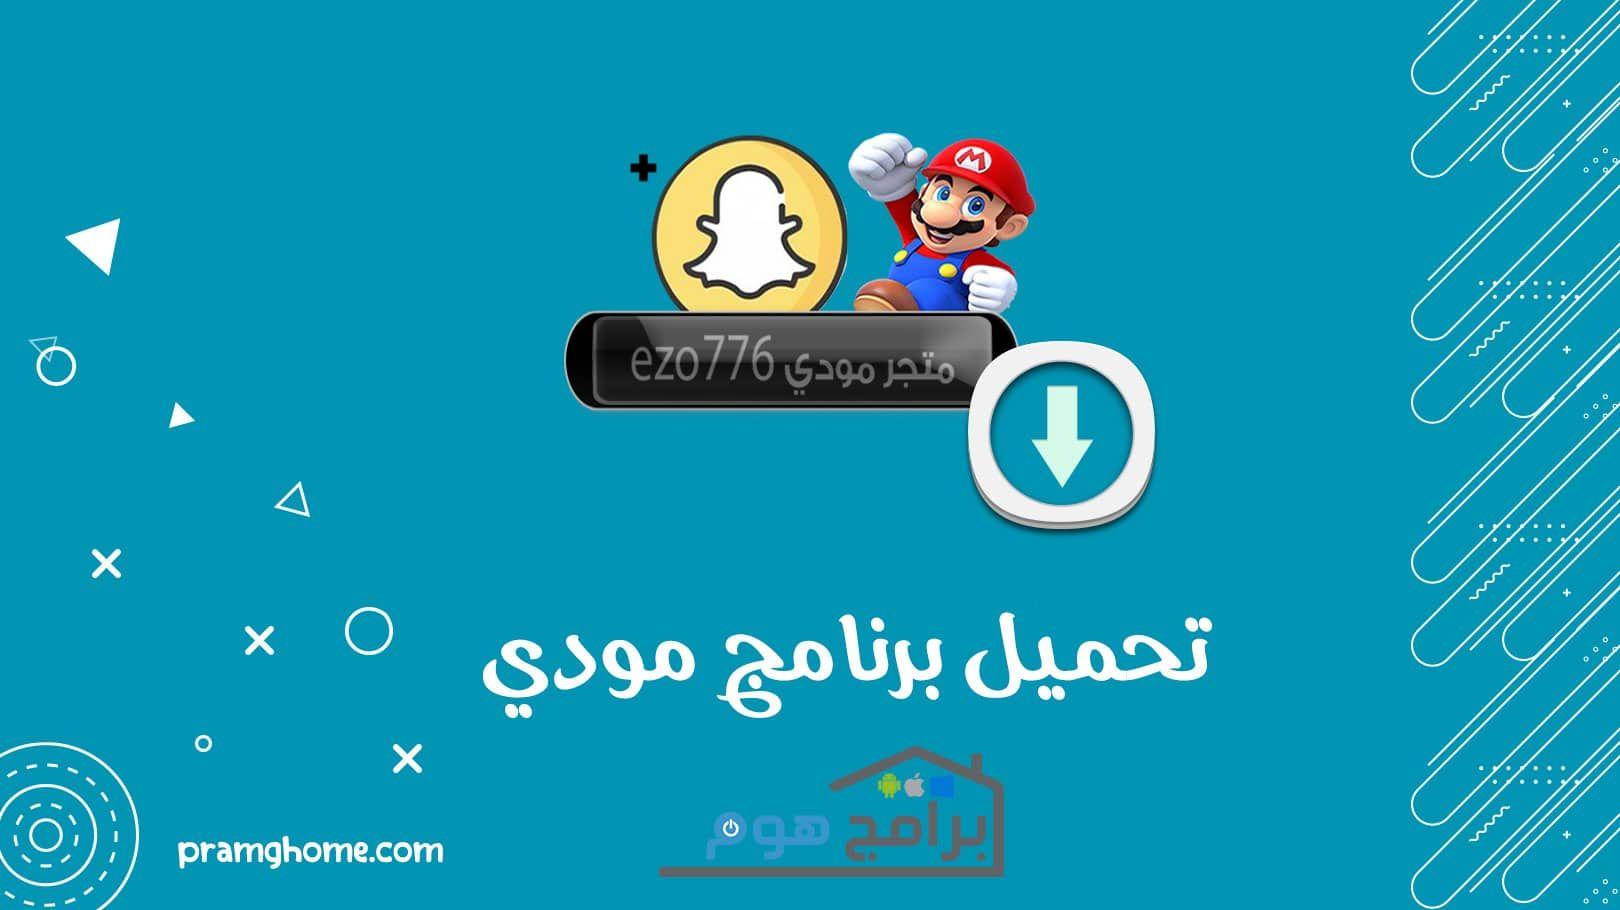 تحميل متجر مودي ezo776 2020 للبرامج للايفون بدون جلبريك مجاناً ...